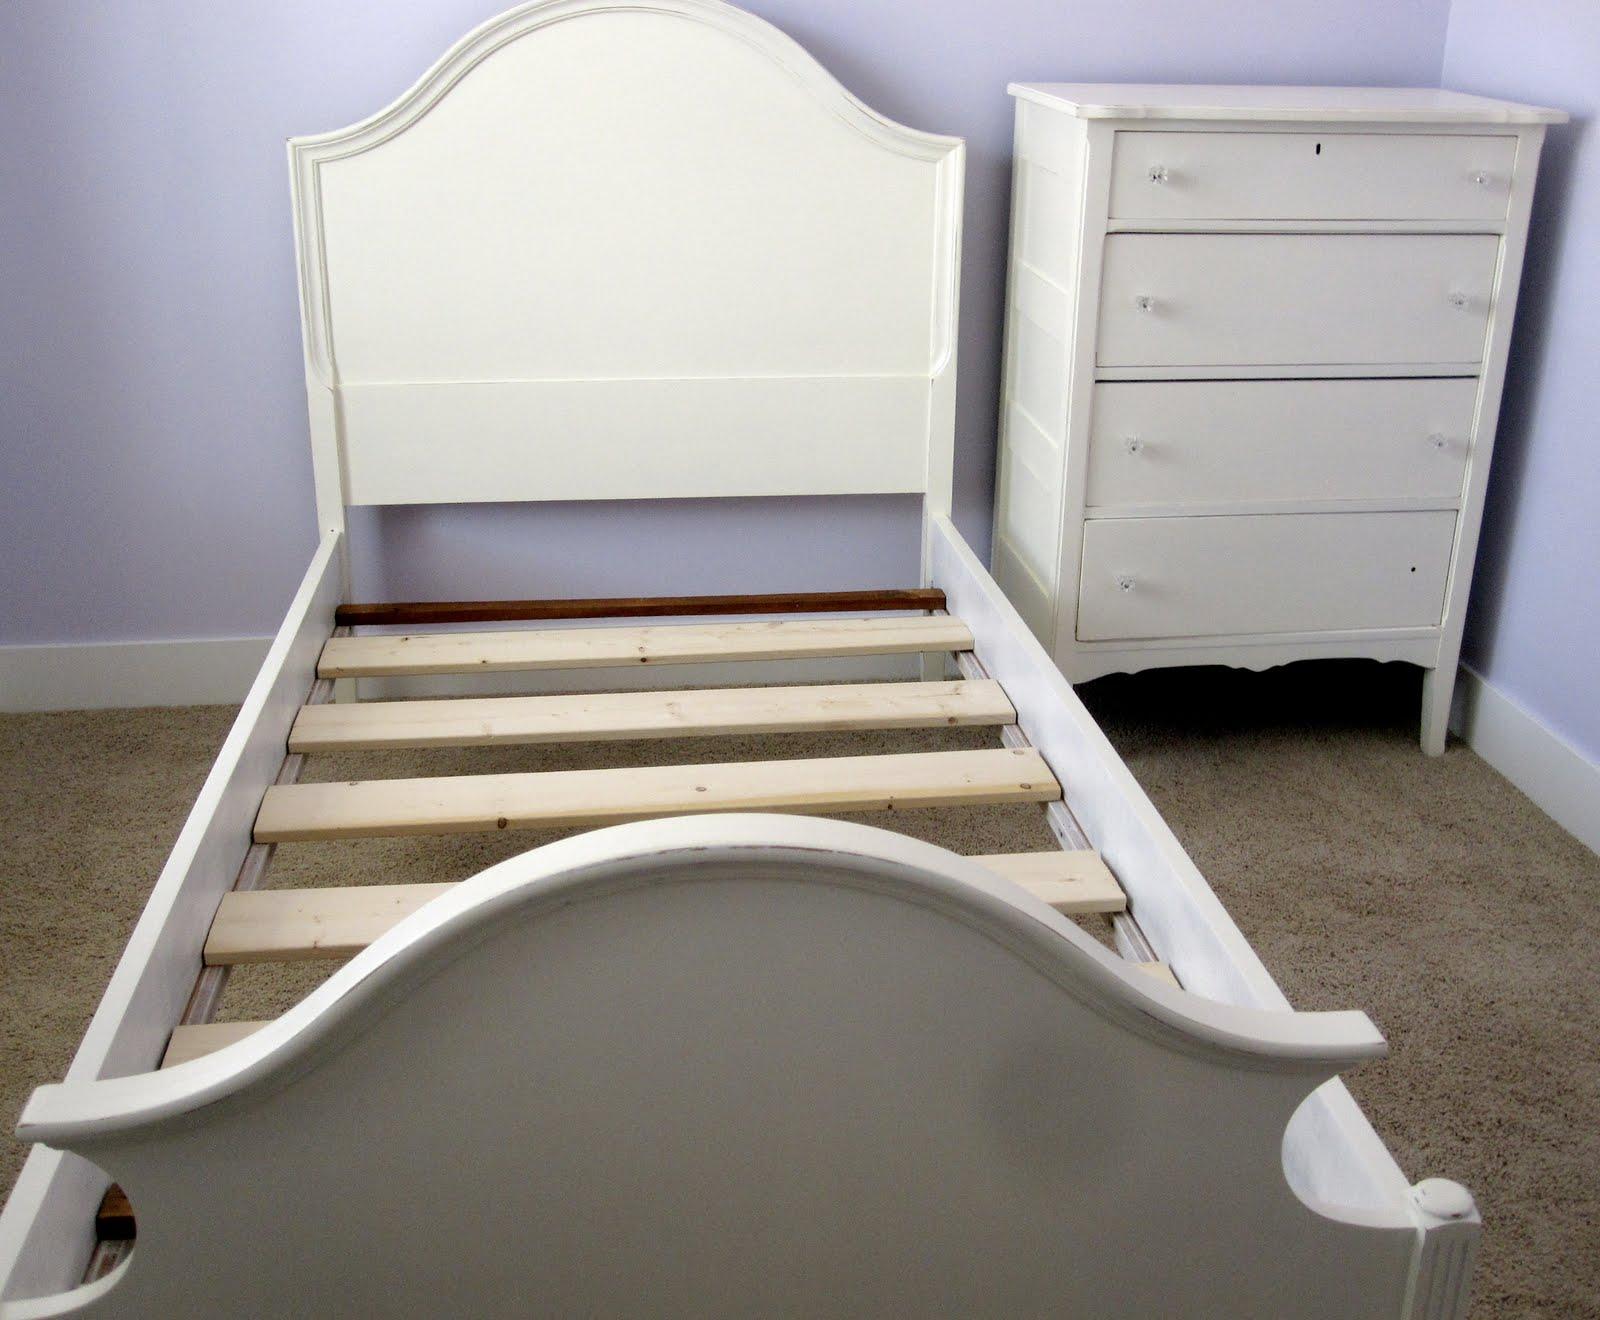 sweet tree furniture antique bed frame. Black Bedroom Furniture Sets. Home Design Ideas